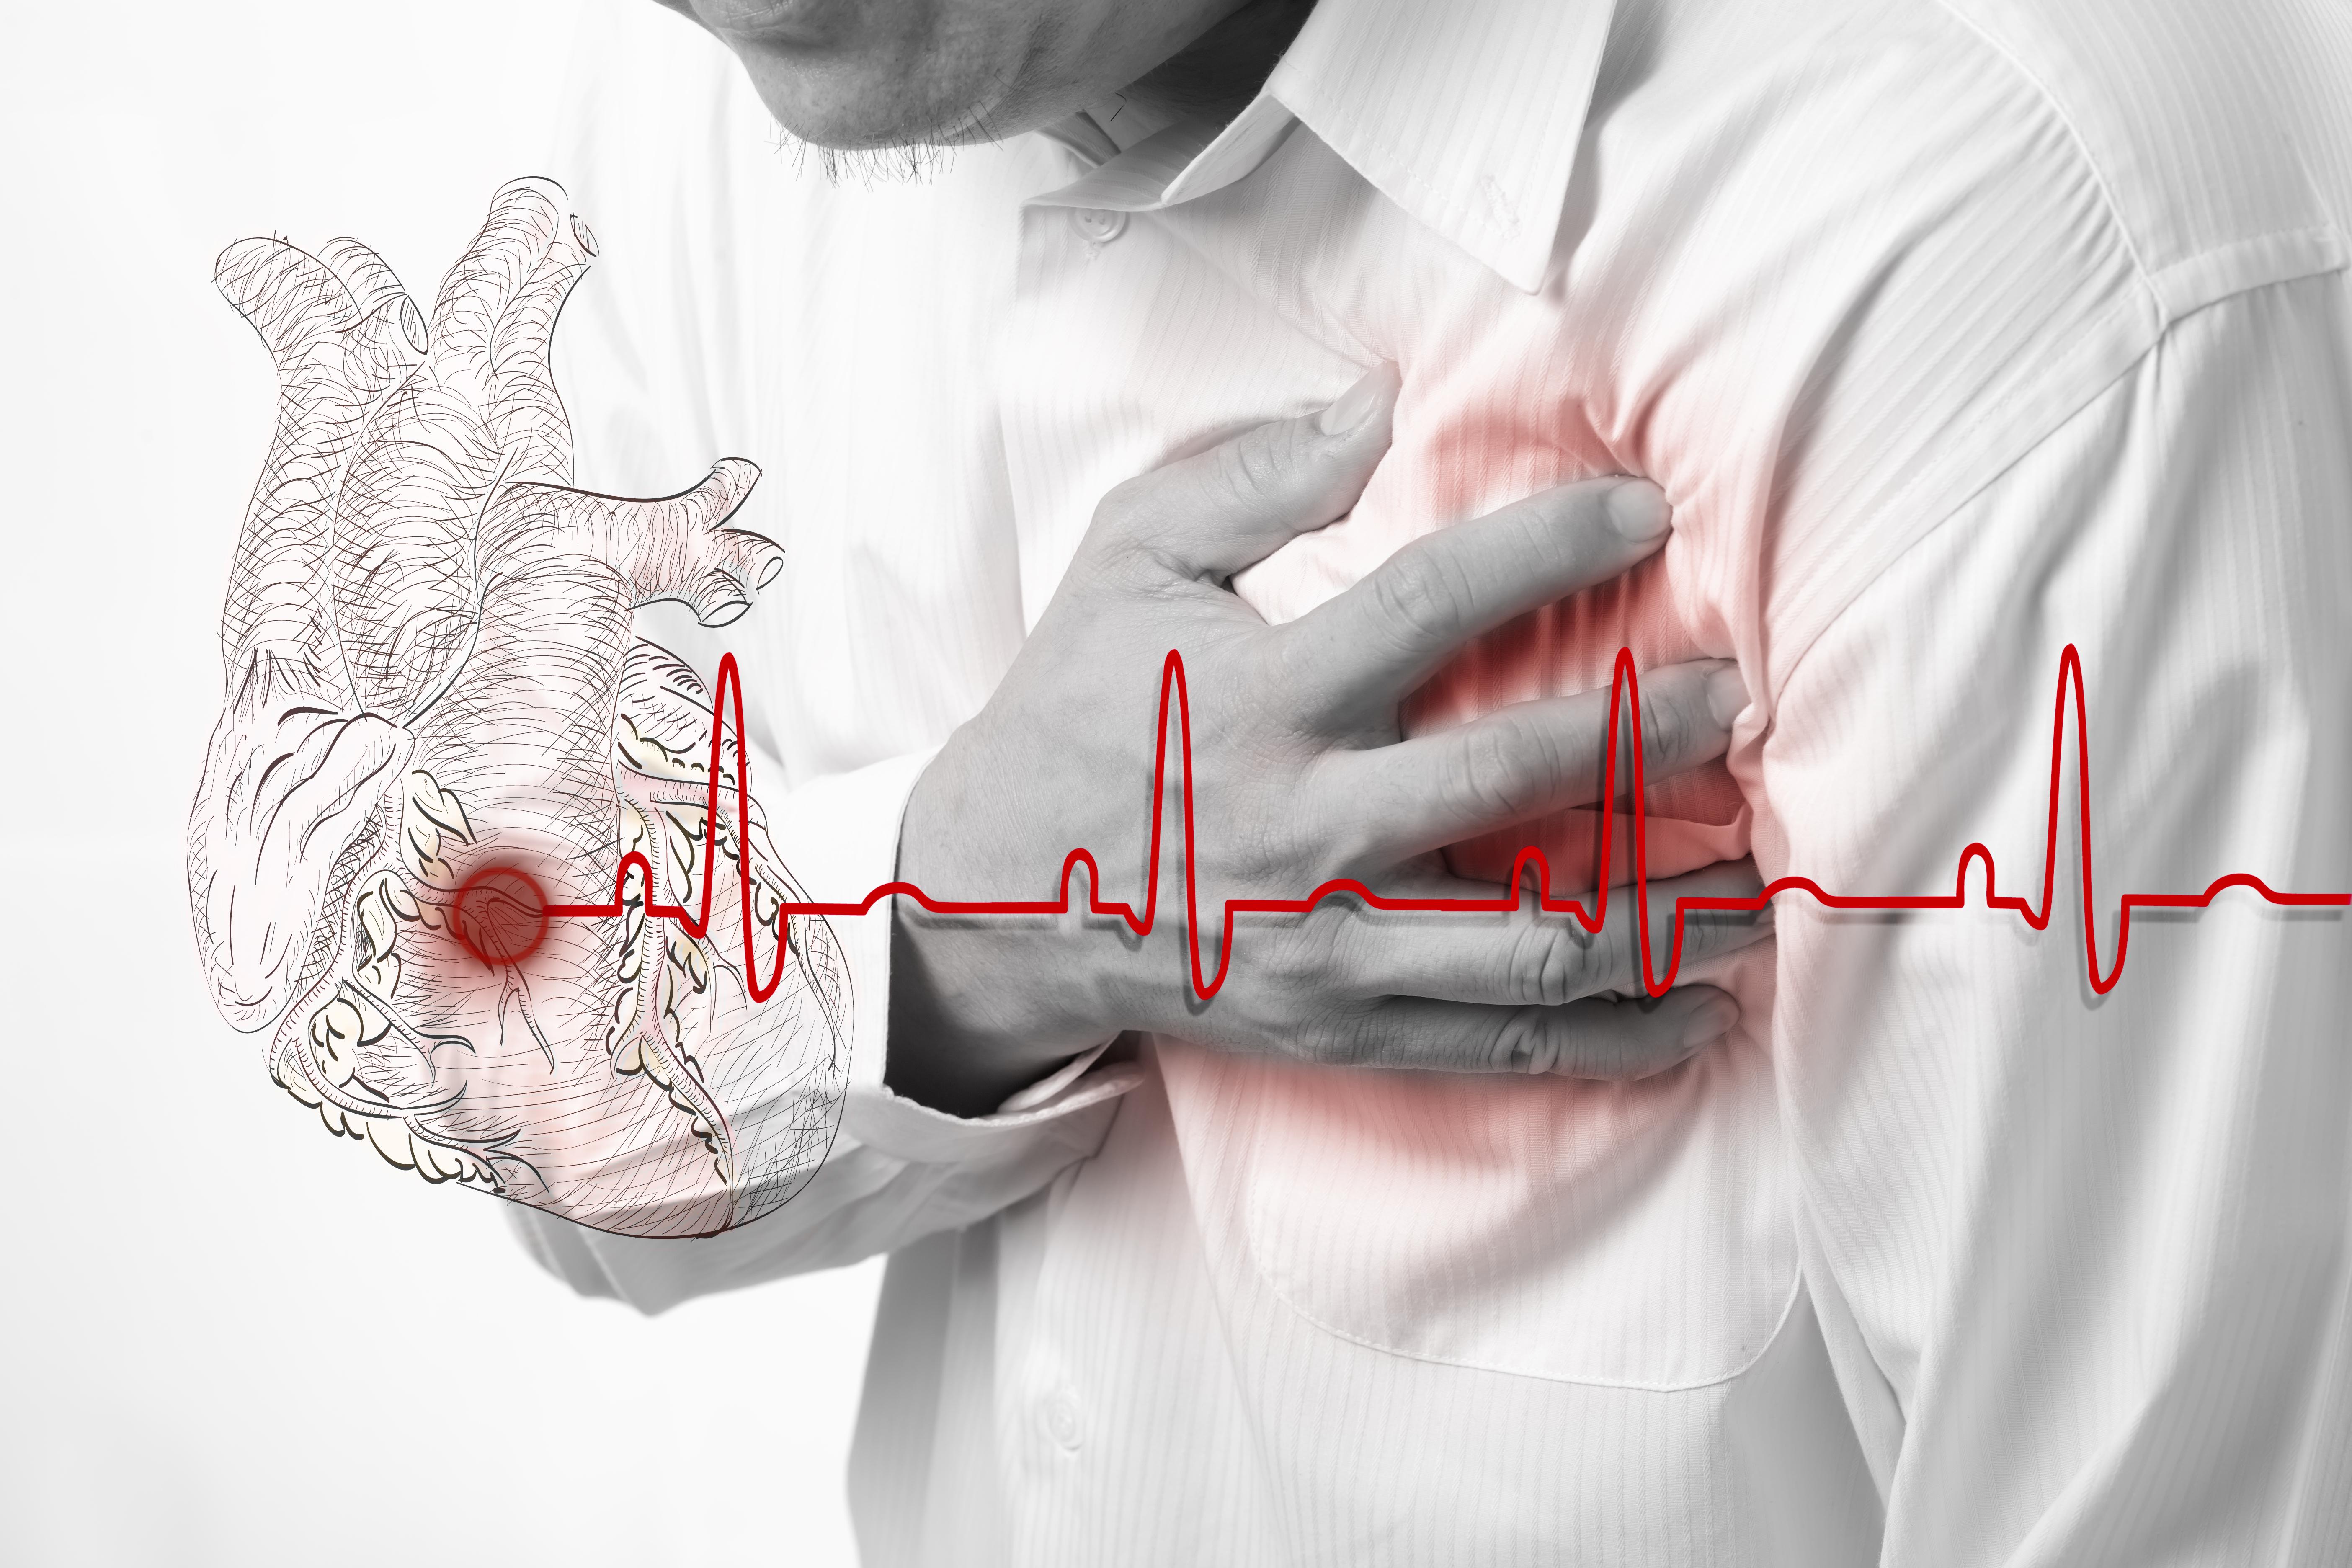 AB'de 8 ölümden 1'i kalp krizinden, Avrupa Birliği'nde kalp krizi vakalarının her yıl 8 kişiden